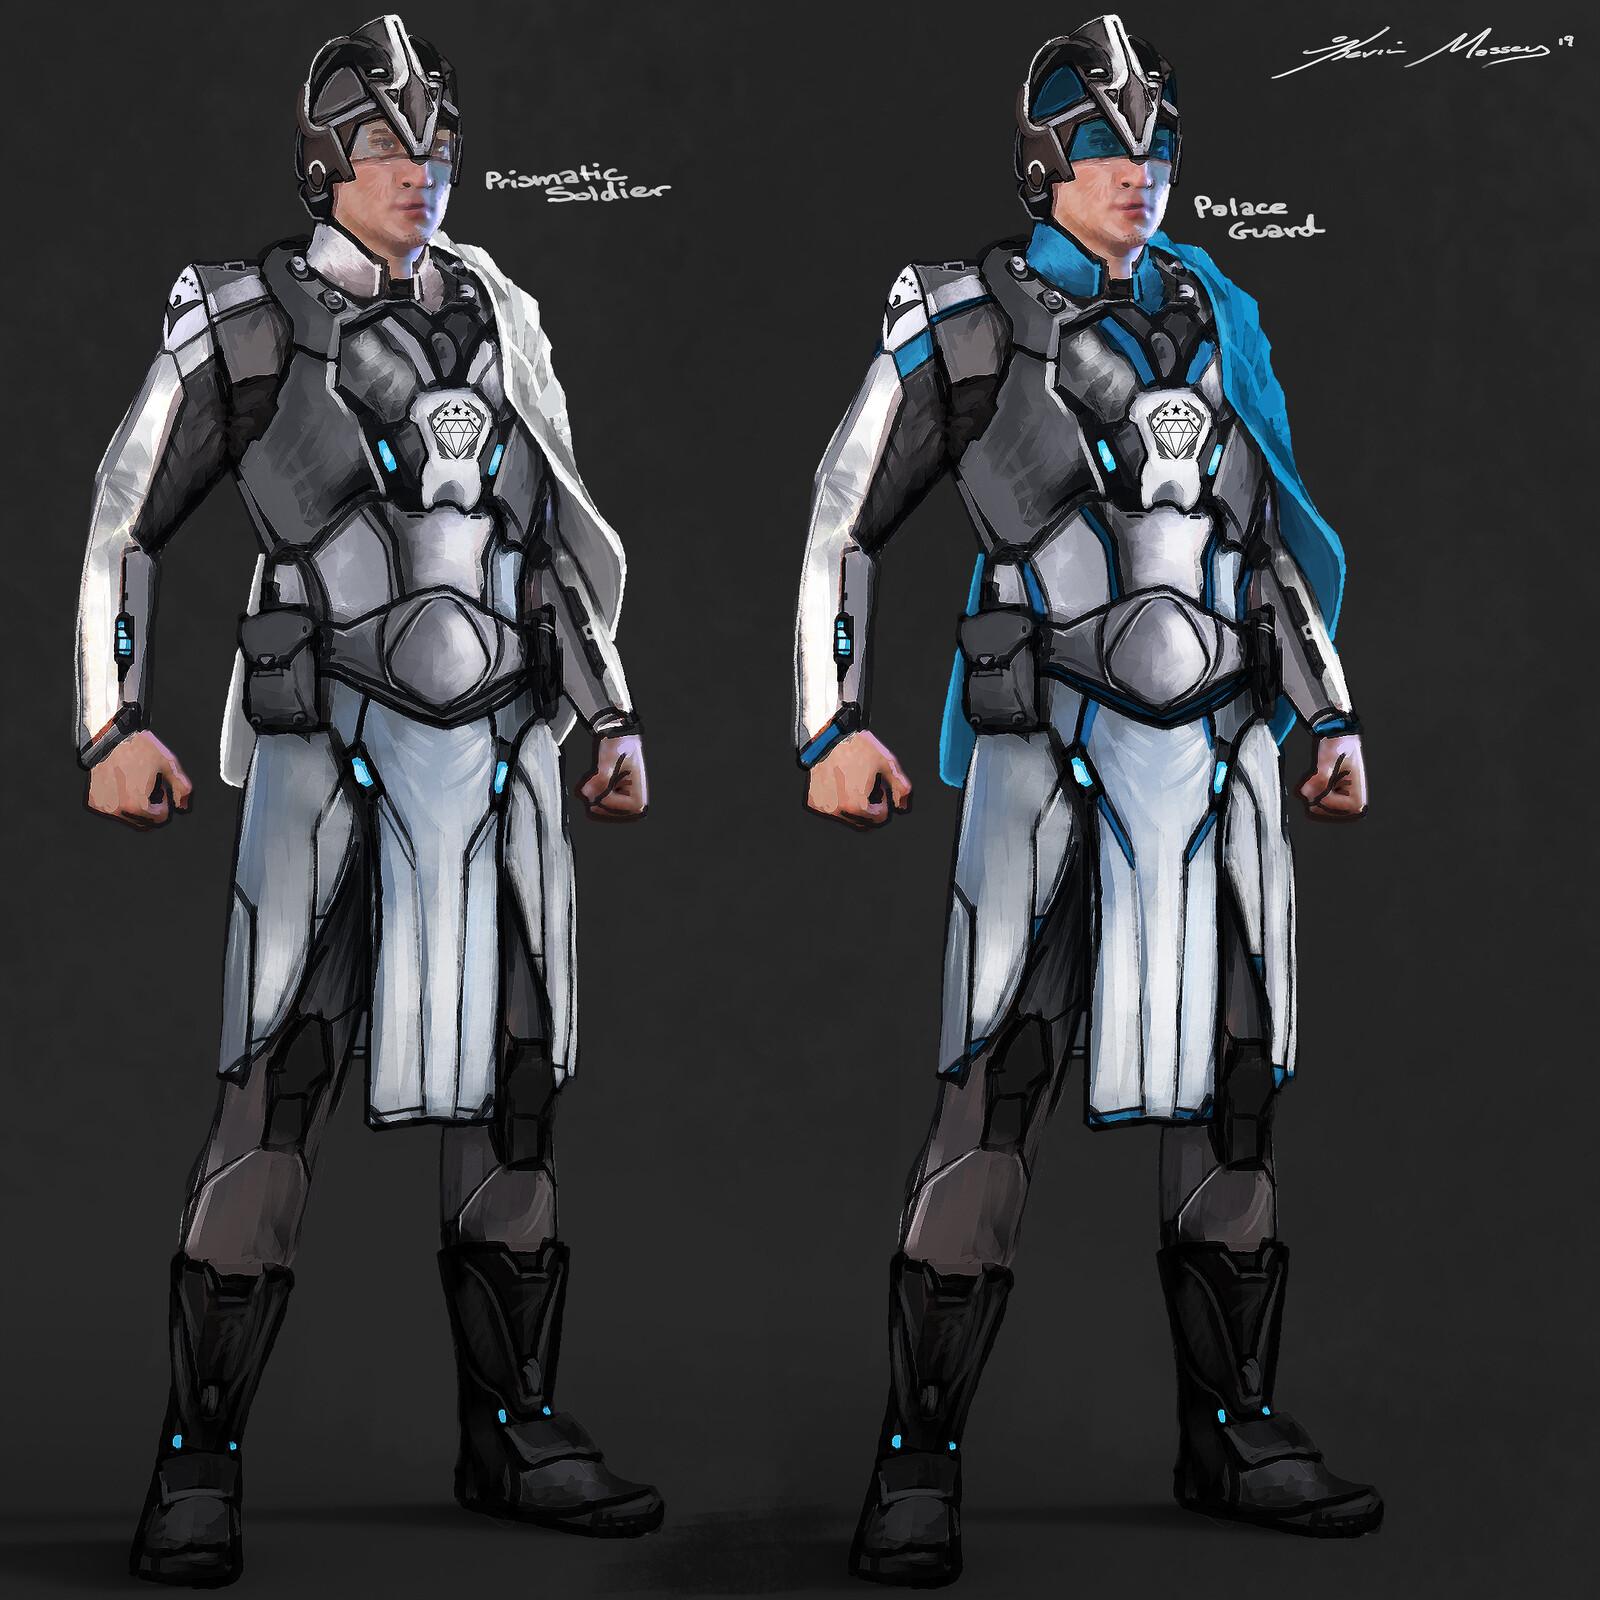 Prismatic Imperium Uniforms